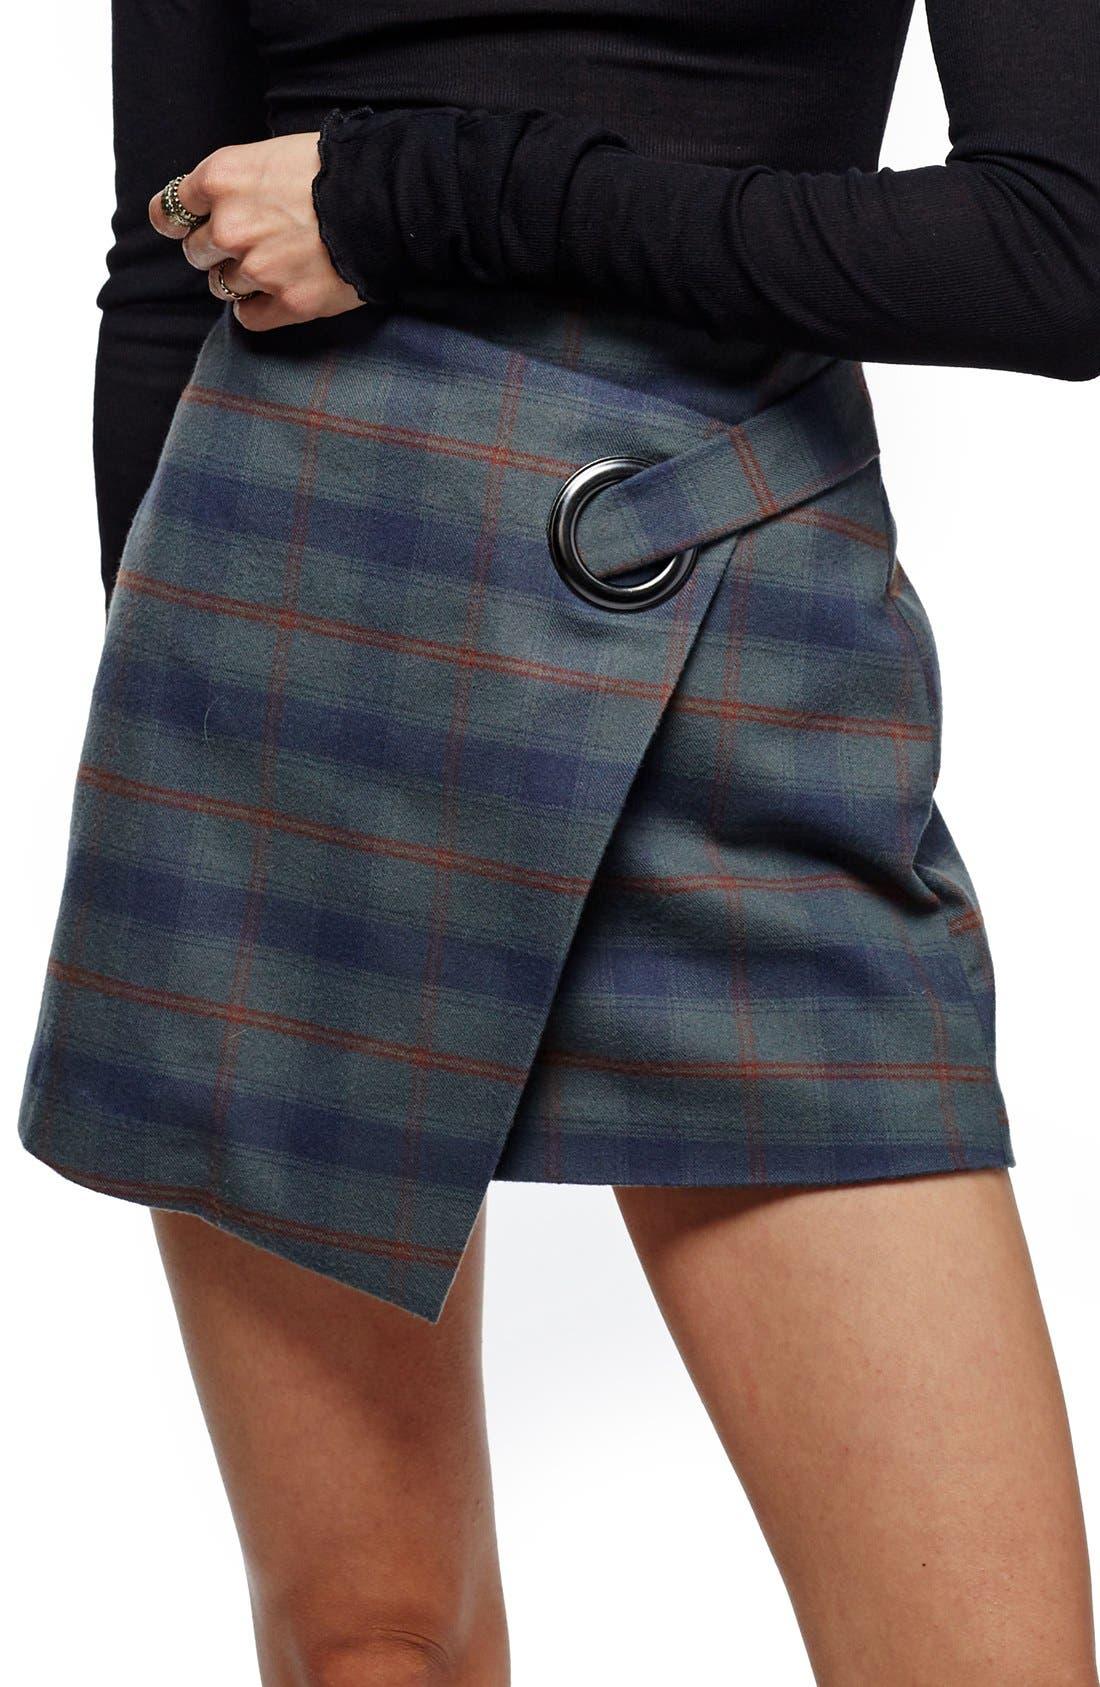 Alternate Image 1 Selected - Free People Teenage Crush Plaid Miniskirt